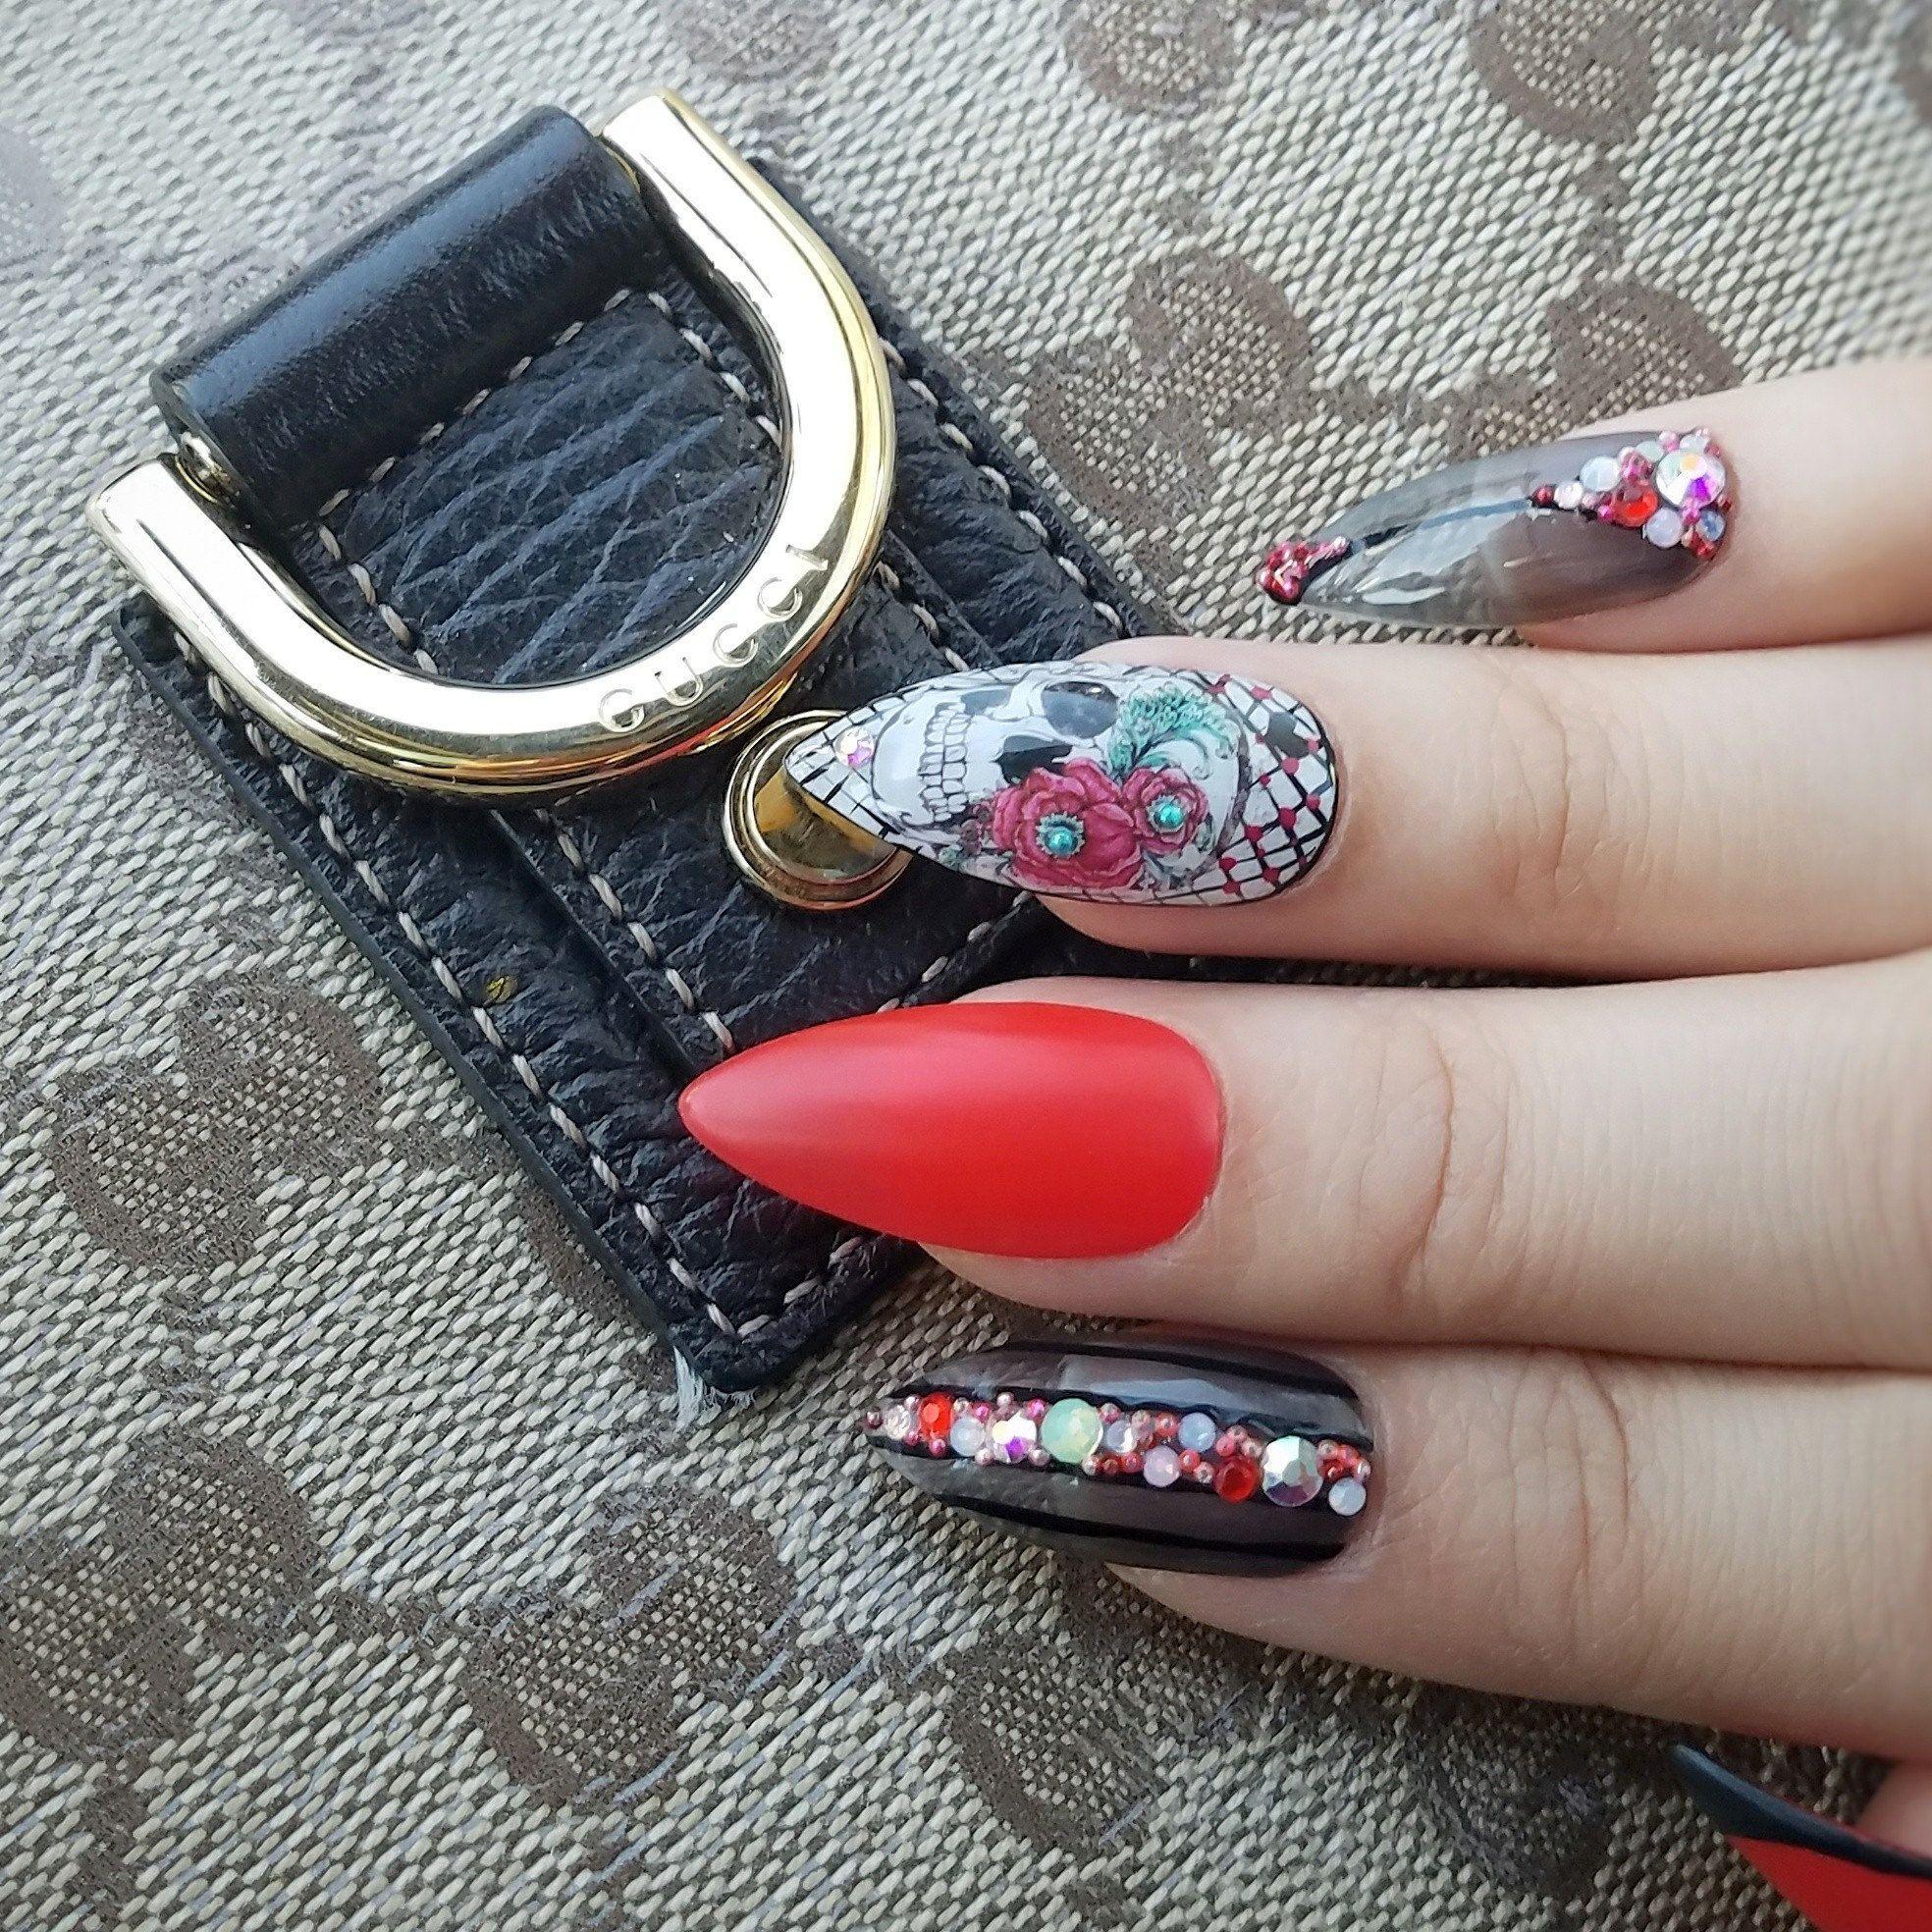 25 Off Press On Nails Fake Nails Use Glue Or Nail Art Adhesive